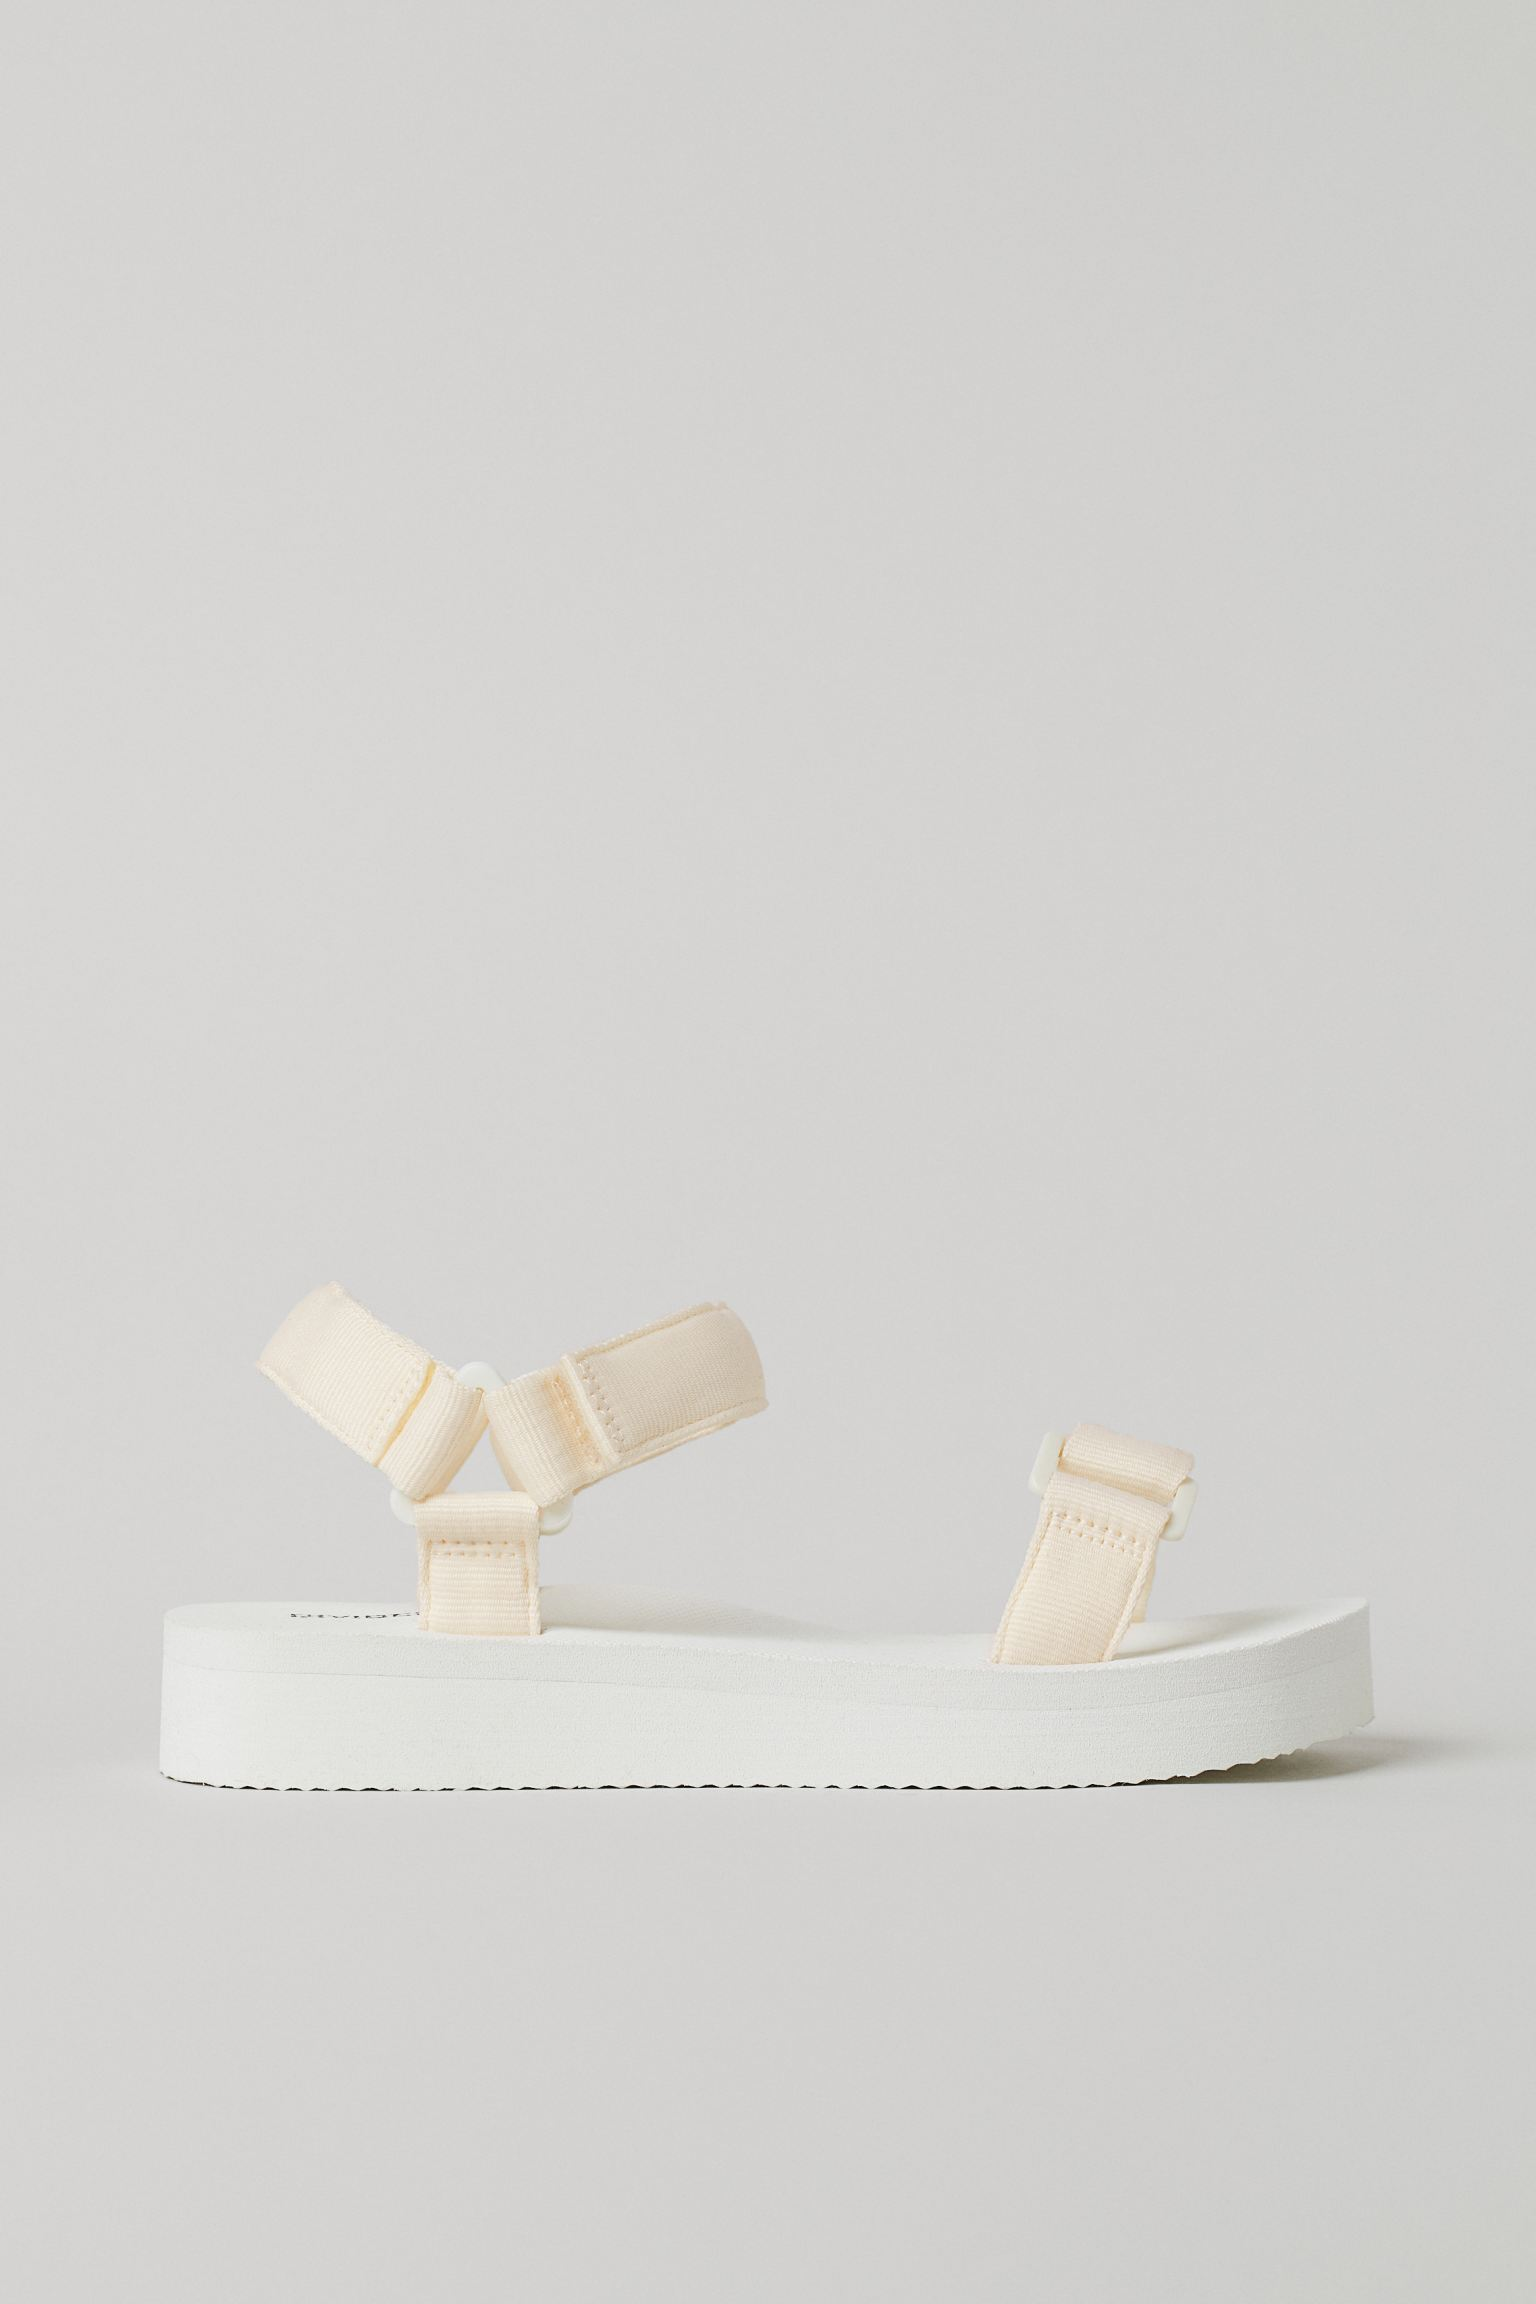 Sandalias con tiras ajustables con cierre autoadherente delante y en el tobillo. Suela de gomaespuma de 4 cm.